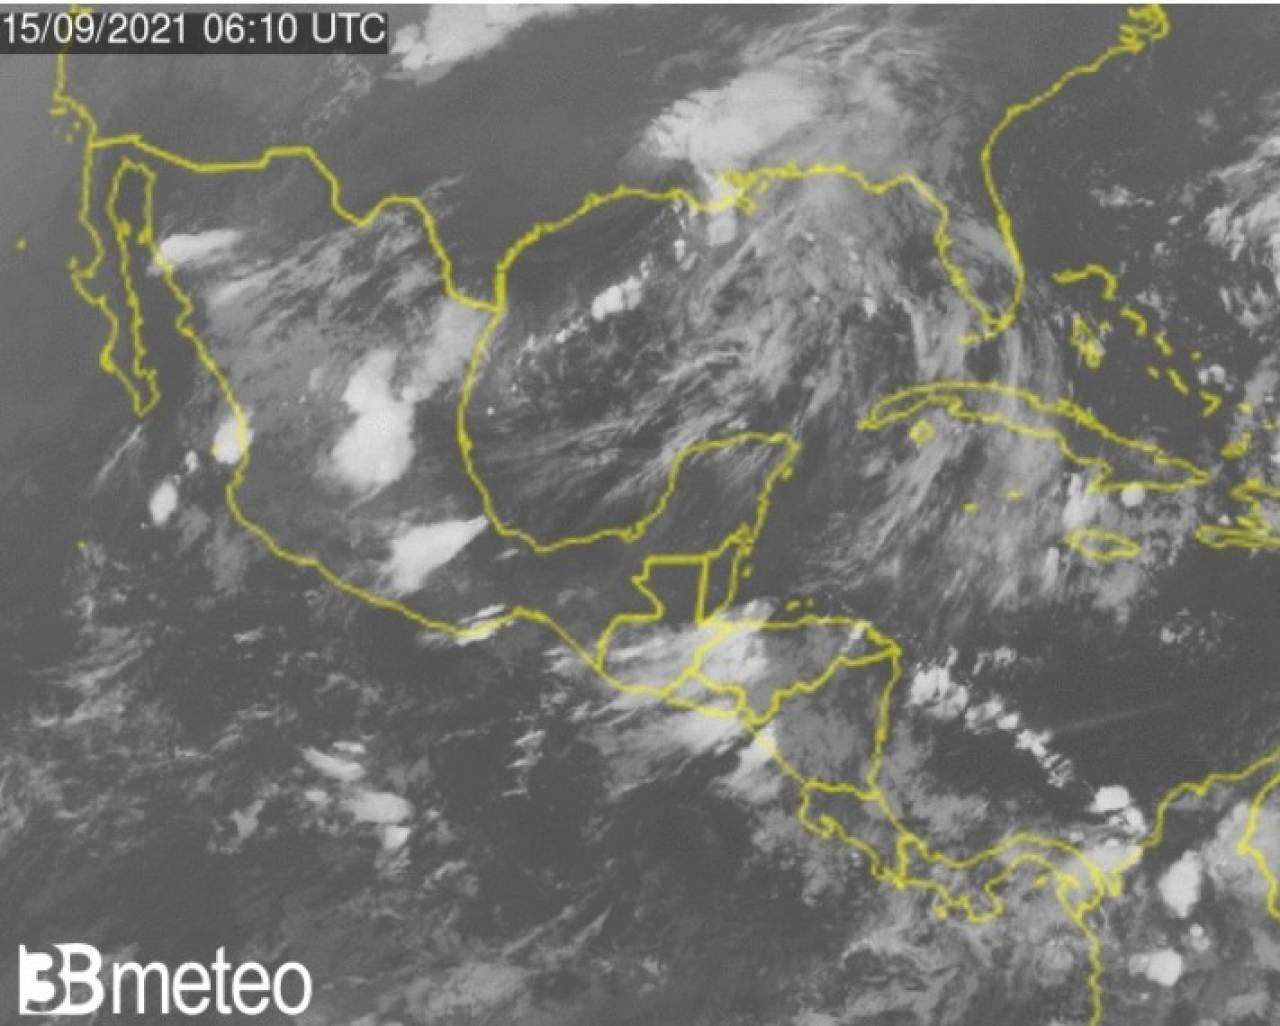 Situazione satellite sul Golfo del Messico